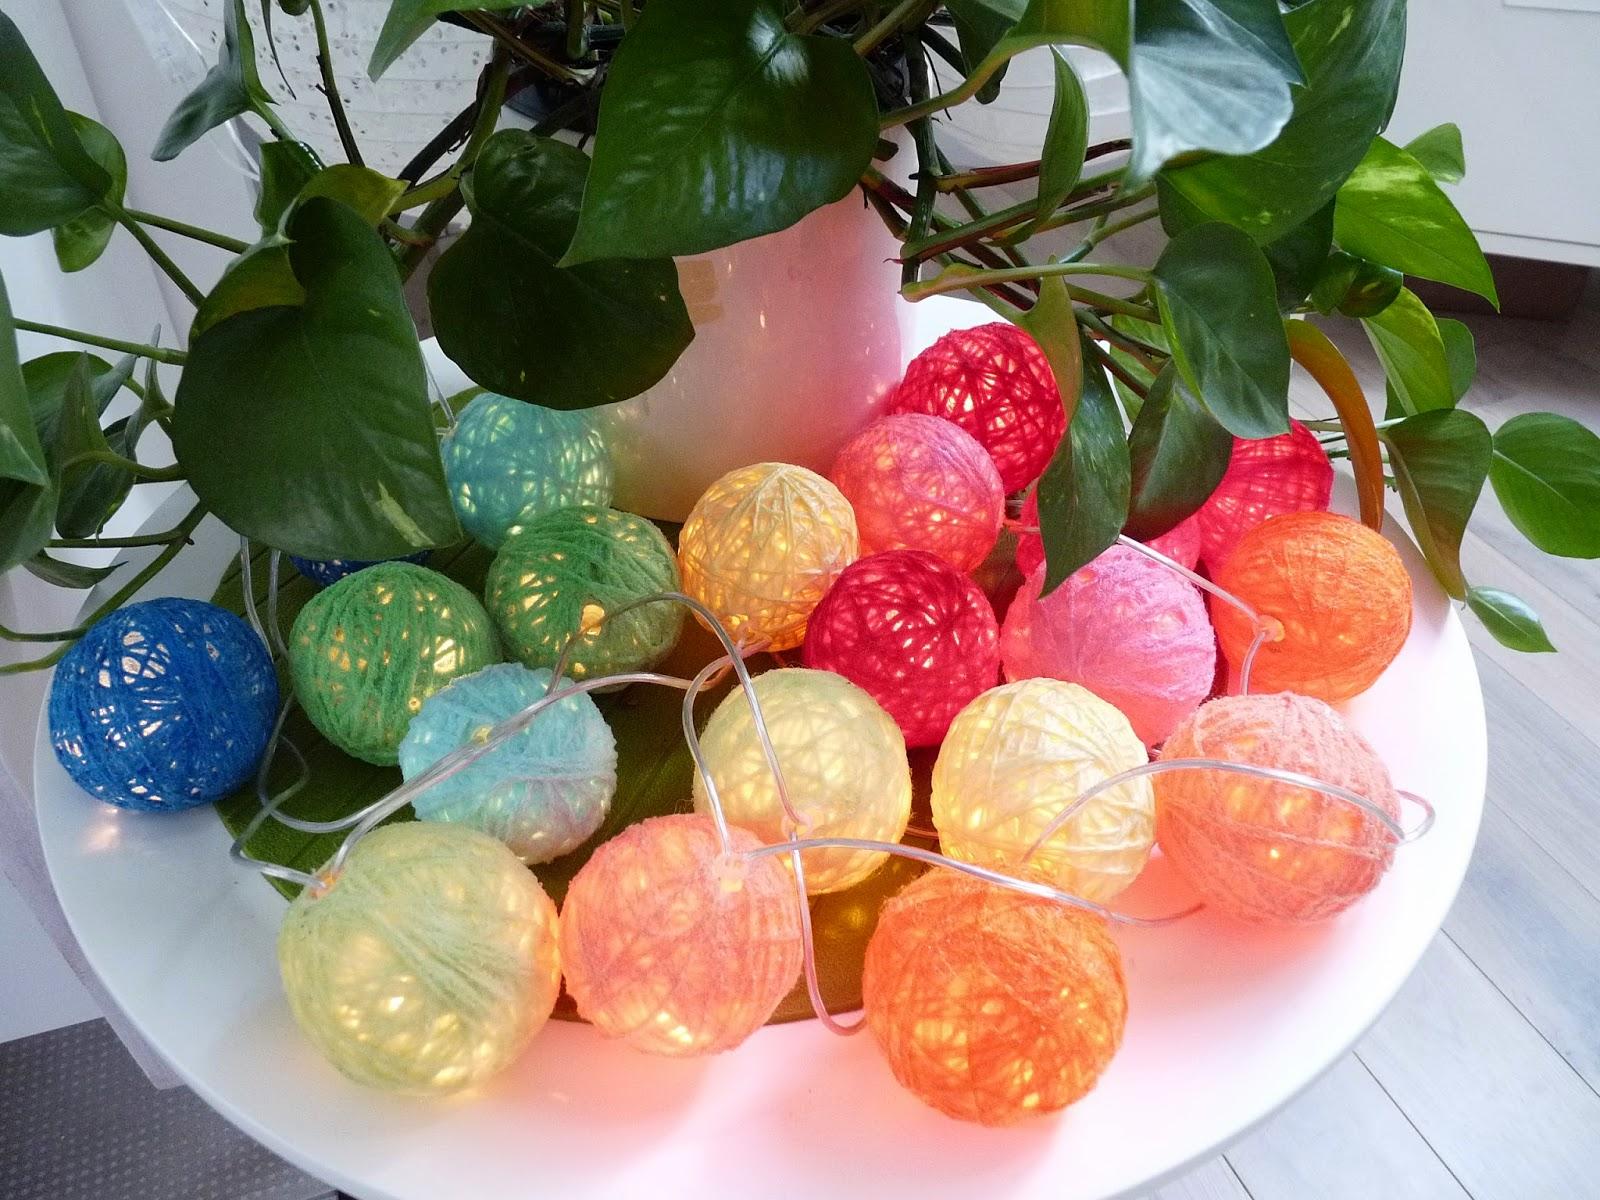 Rue rivoirette diy guirlande lumineuse - Guirlande lumineuse boule coton ...